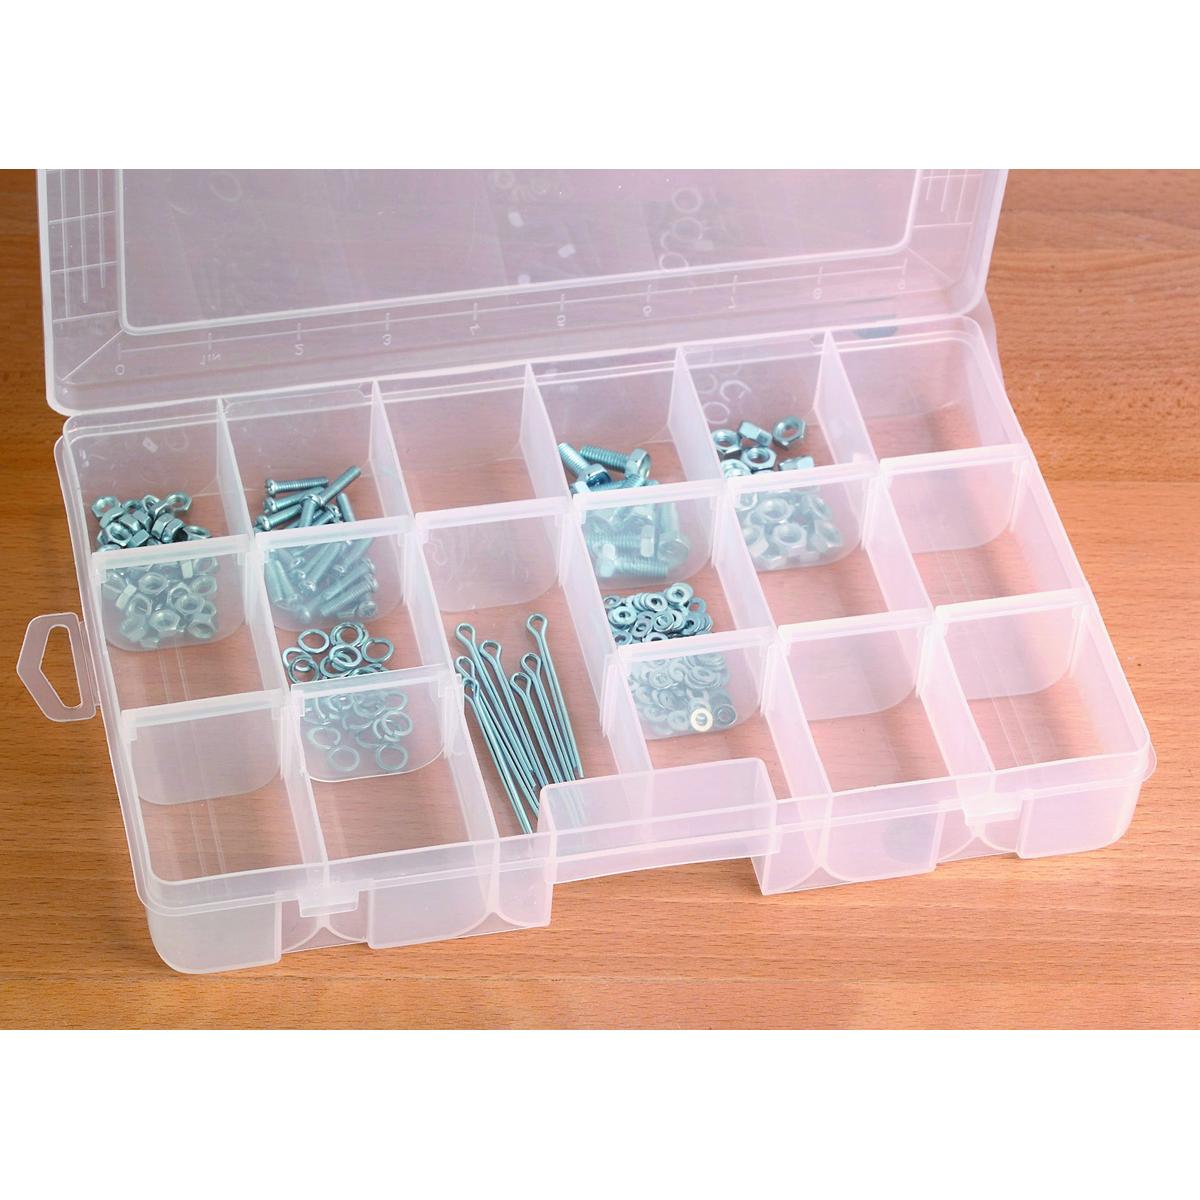 18 Compartment Medium Storage Container